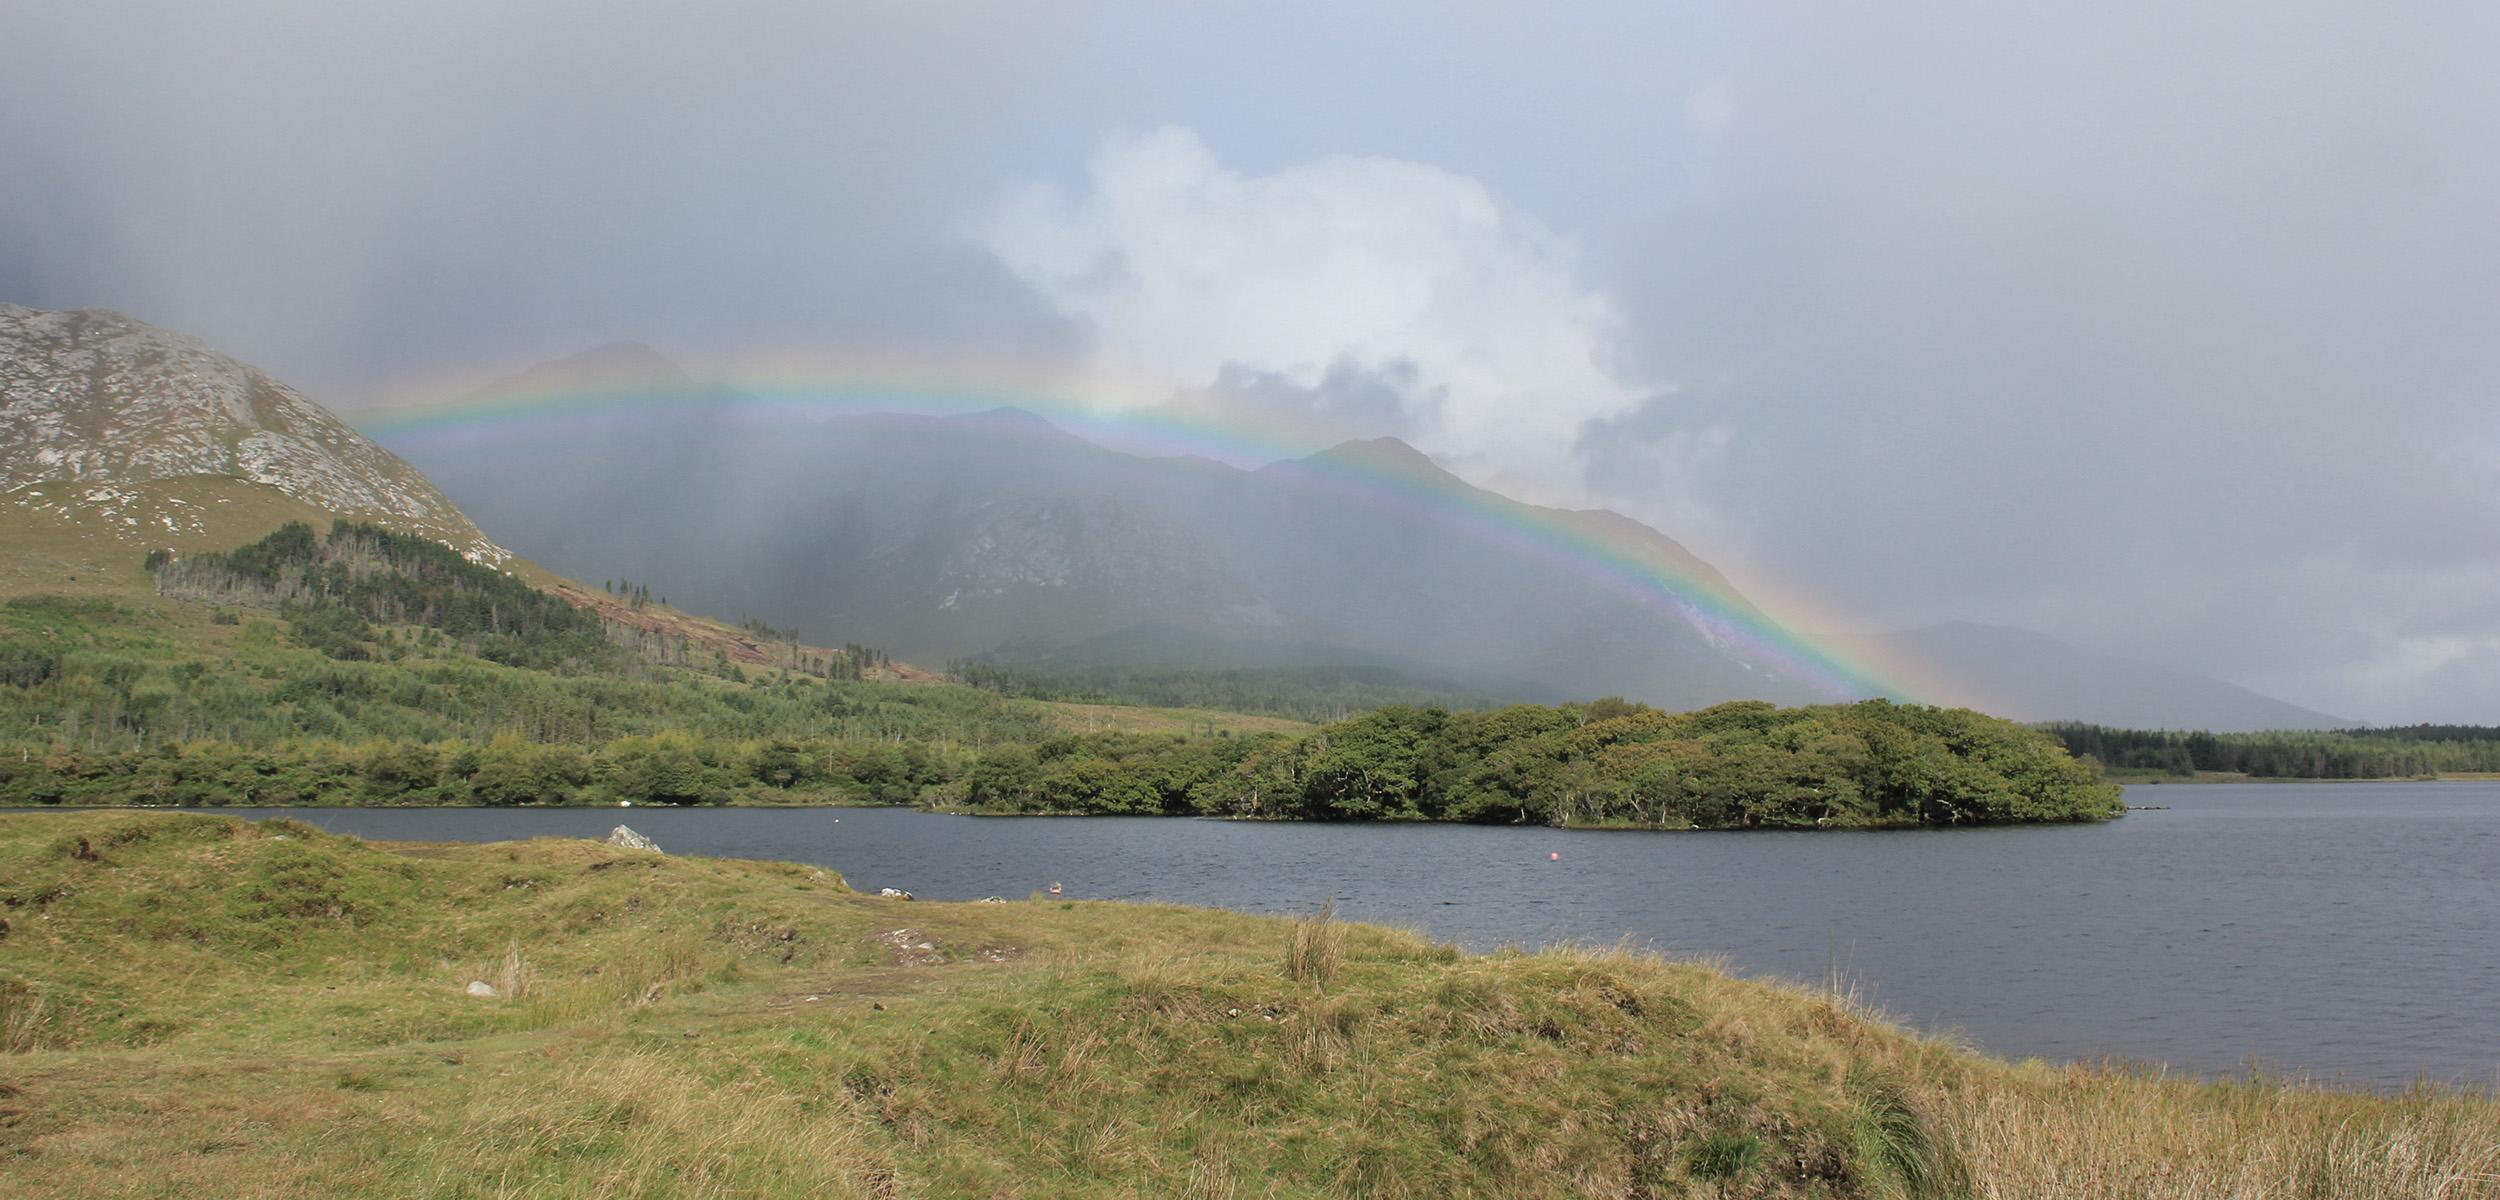 Voyages-et-compagnie.com - Blog voyage | Road trip en Irlande Connemara